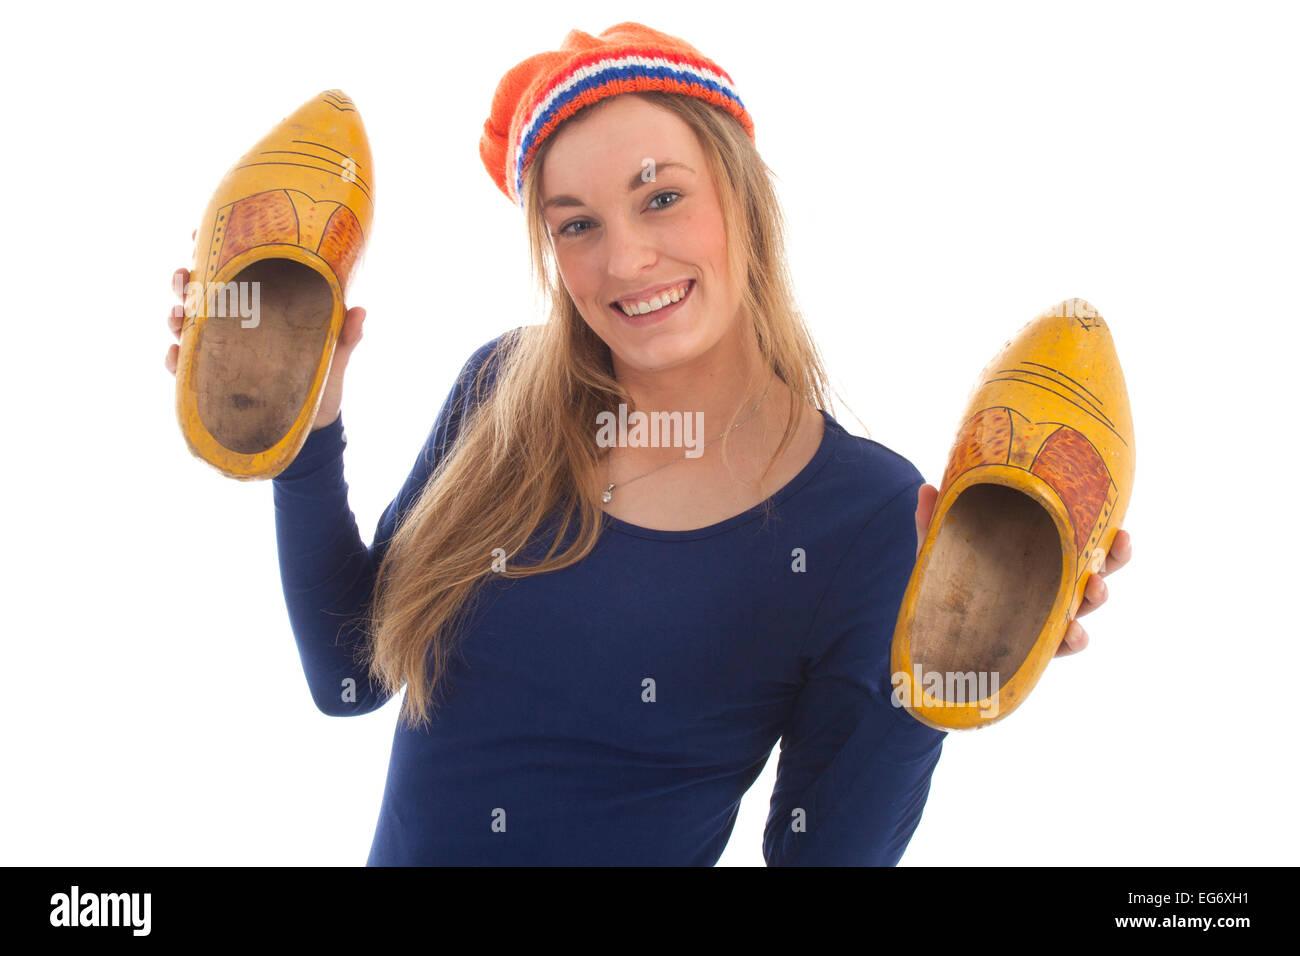 Carino hollands ragazza con zoccoli isolato su bianco Immagini Stock